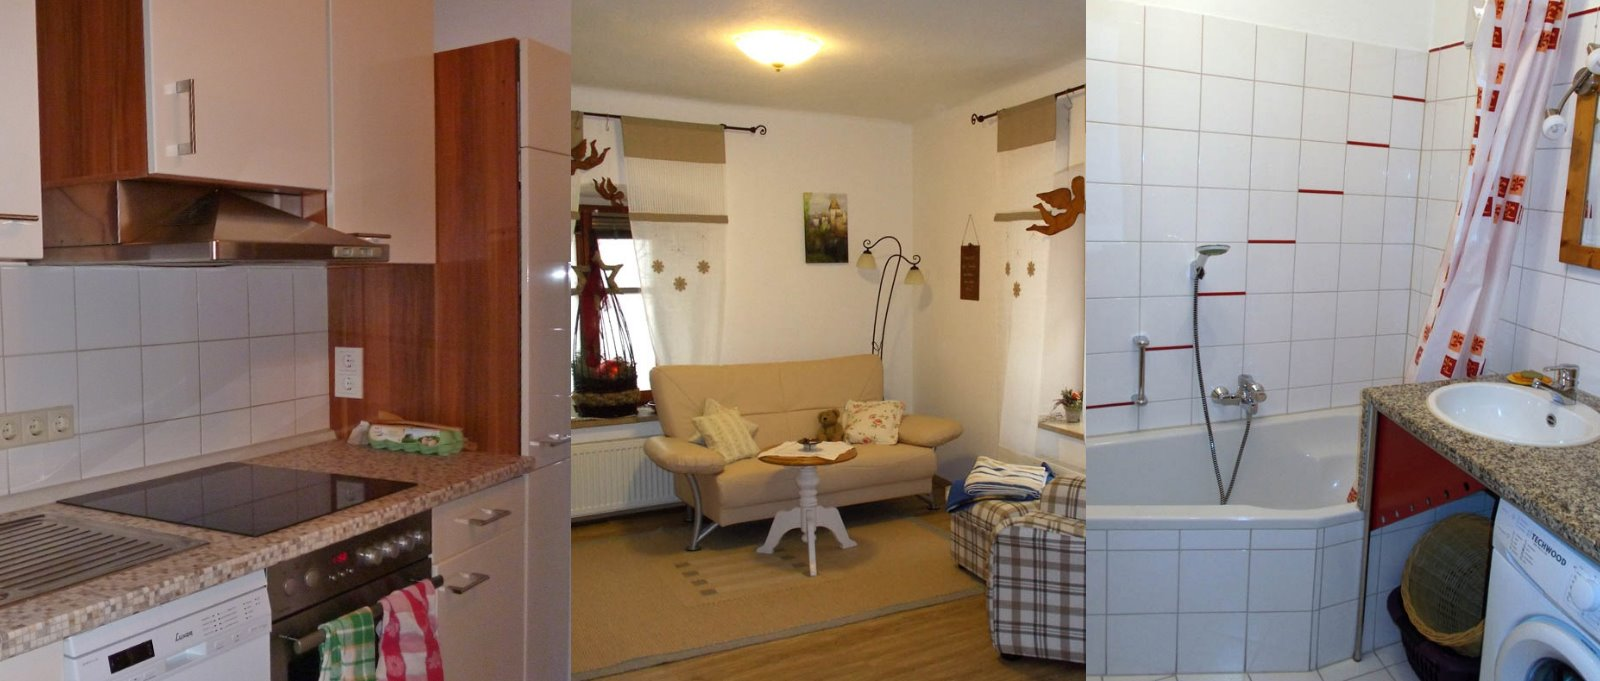 biehler-monteurwohnungen-monteurzimmer-amberg-monteurunterkunft